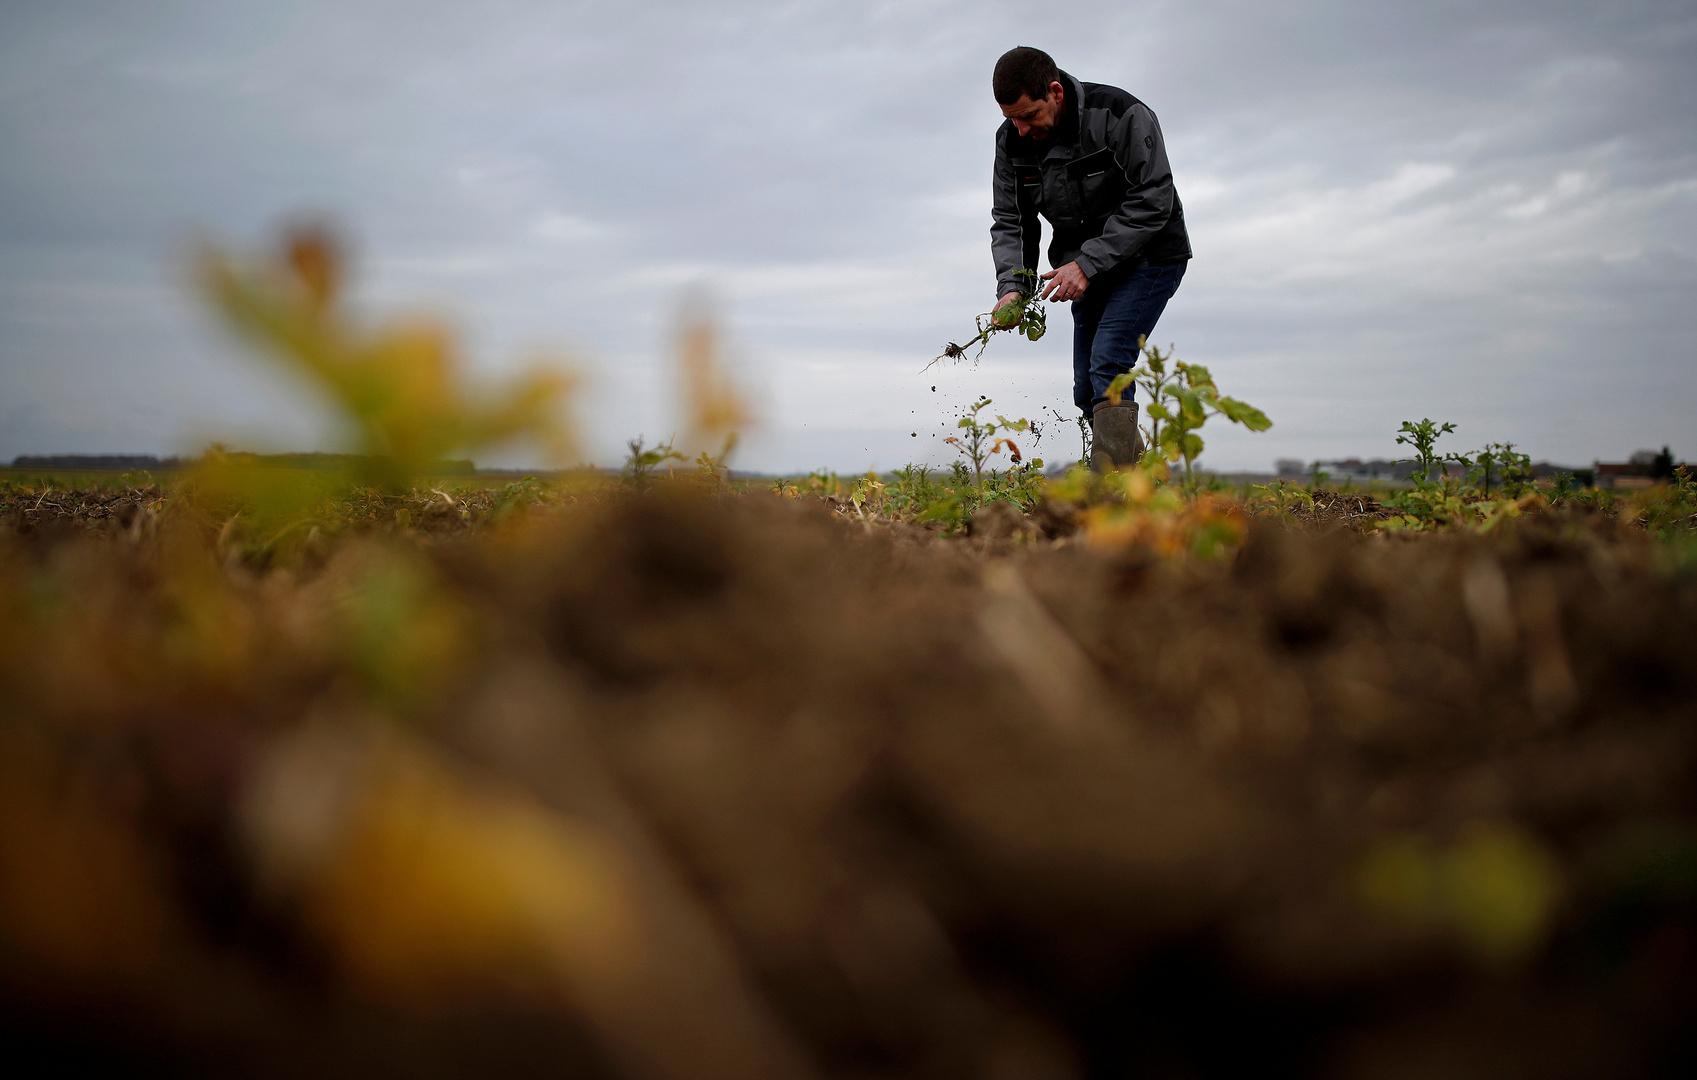 وزير الزراعة الفرنسي: التحقوا بالحقول اليوم قبل غد!